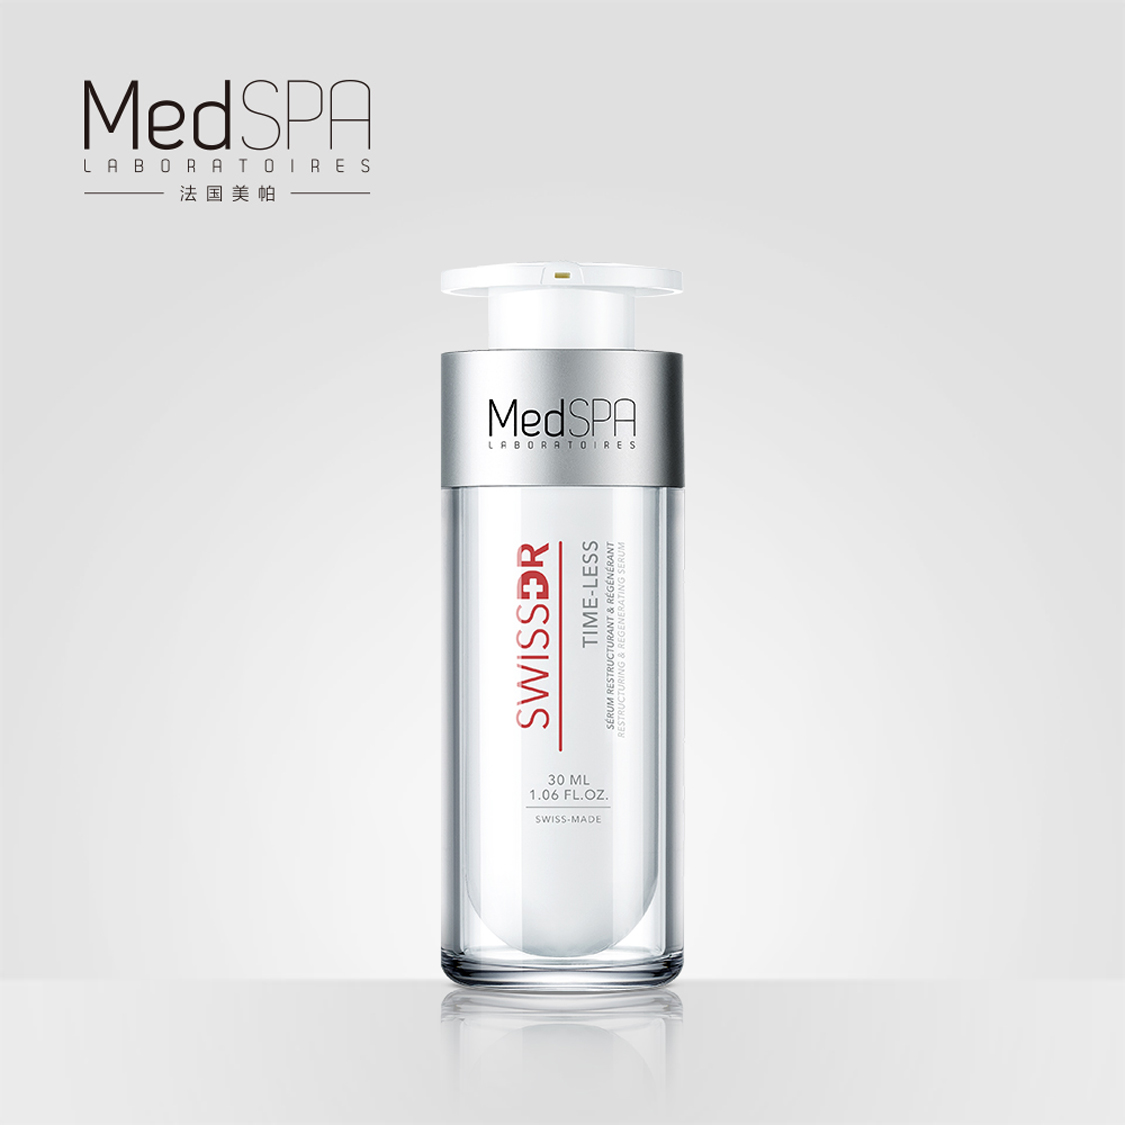 MedSPA-美帕胶原蛋白精华液 紧致抗皱 淡化细纹 敏感肌修护进口